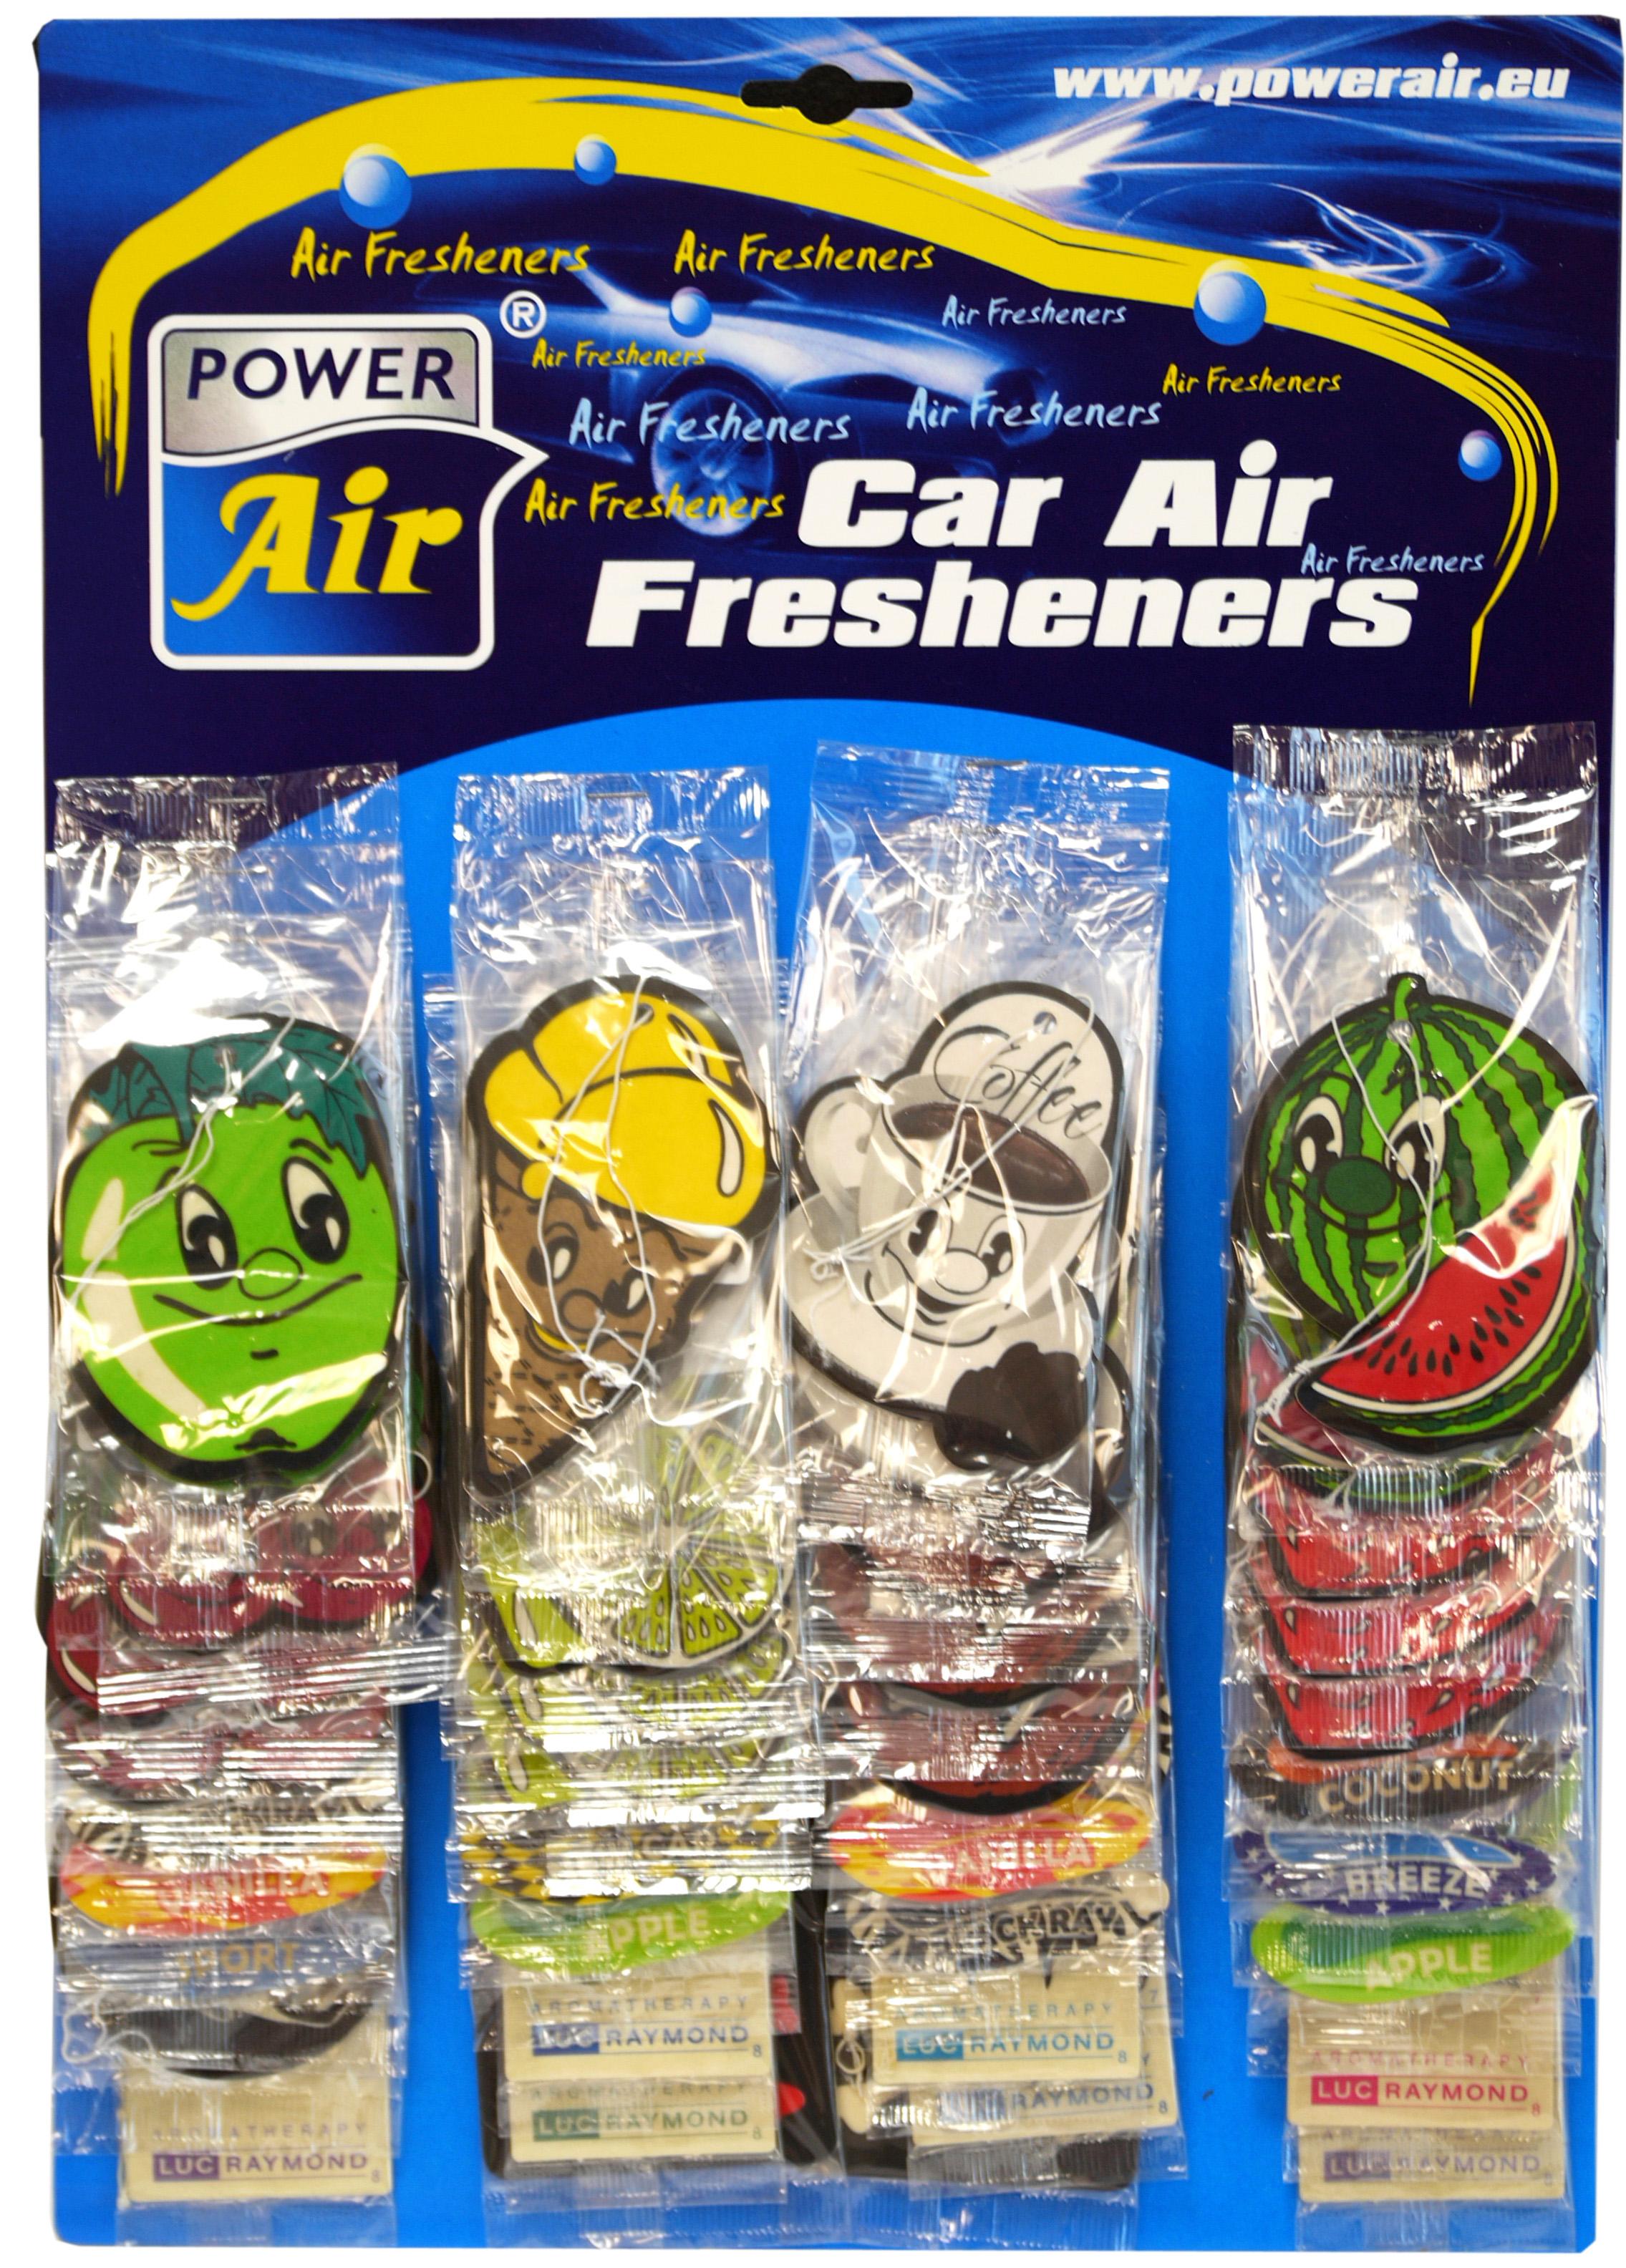 00526 - Auto Lufterfrischer Duftblätter Tafel 40 St